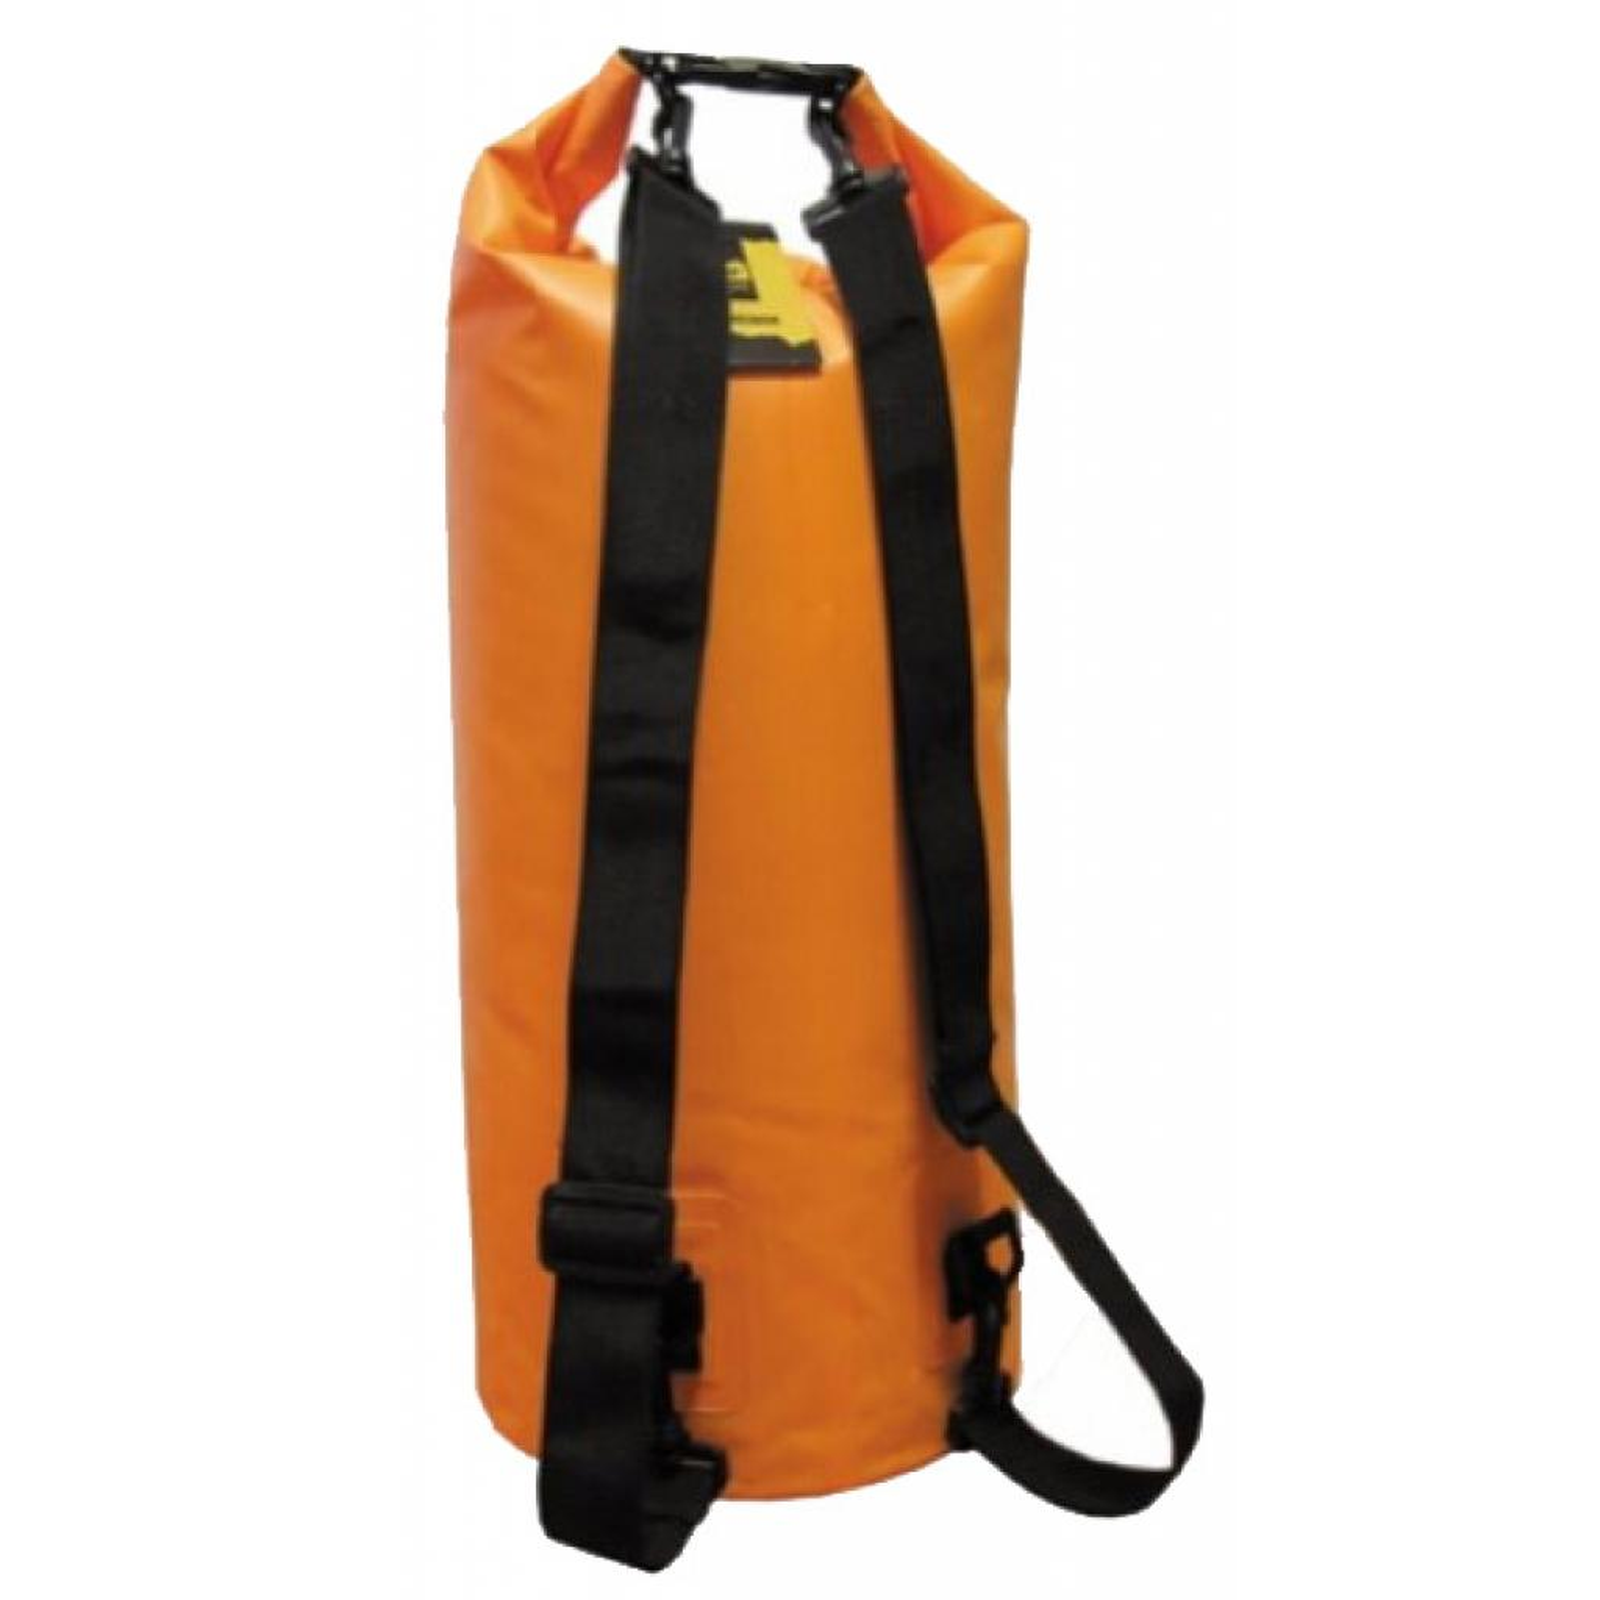 Гермомешок Tramp PVC 70 л оранжевый (TRA-069.2) изображение 2